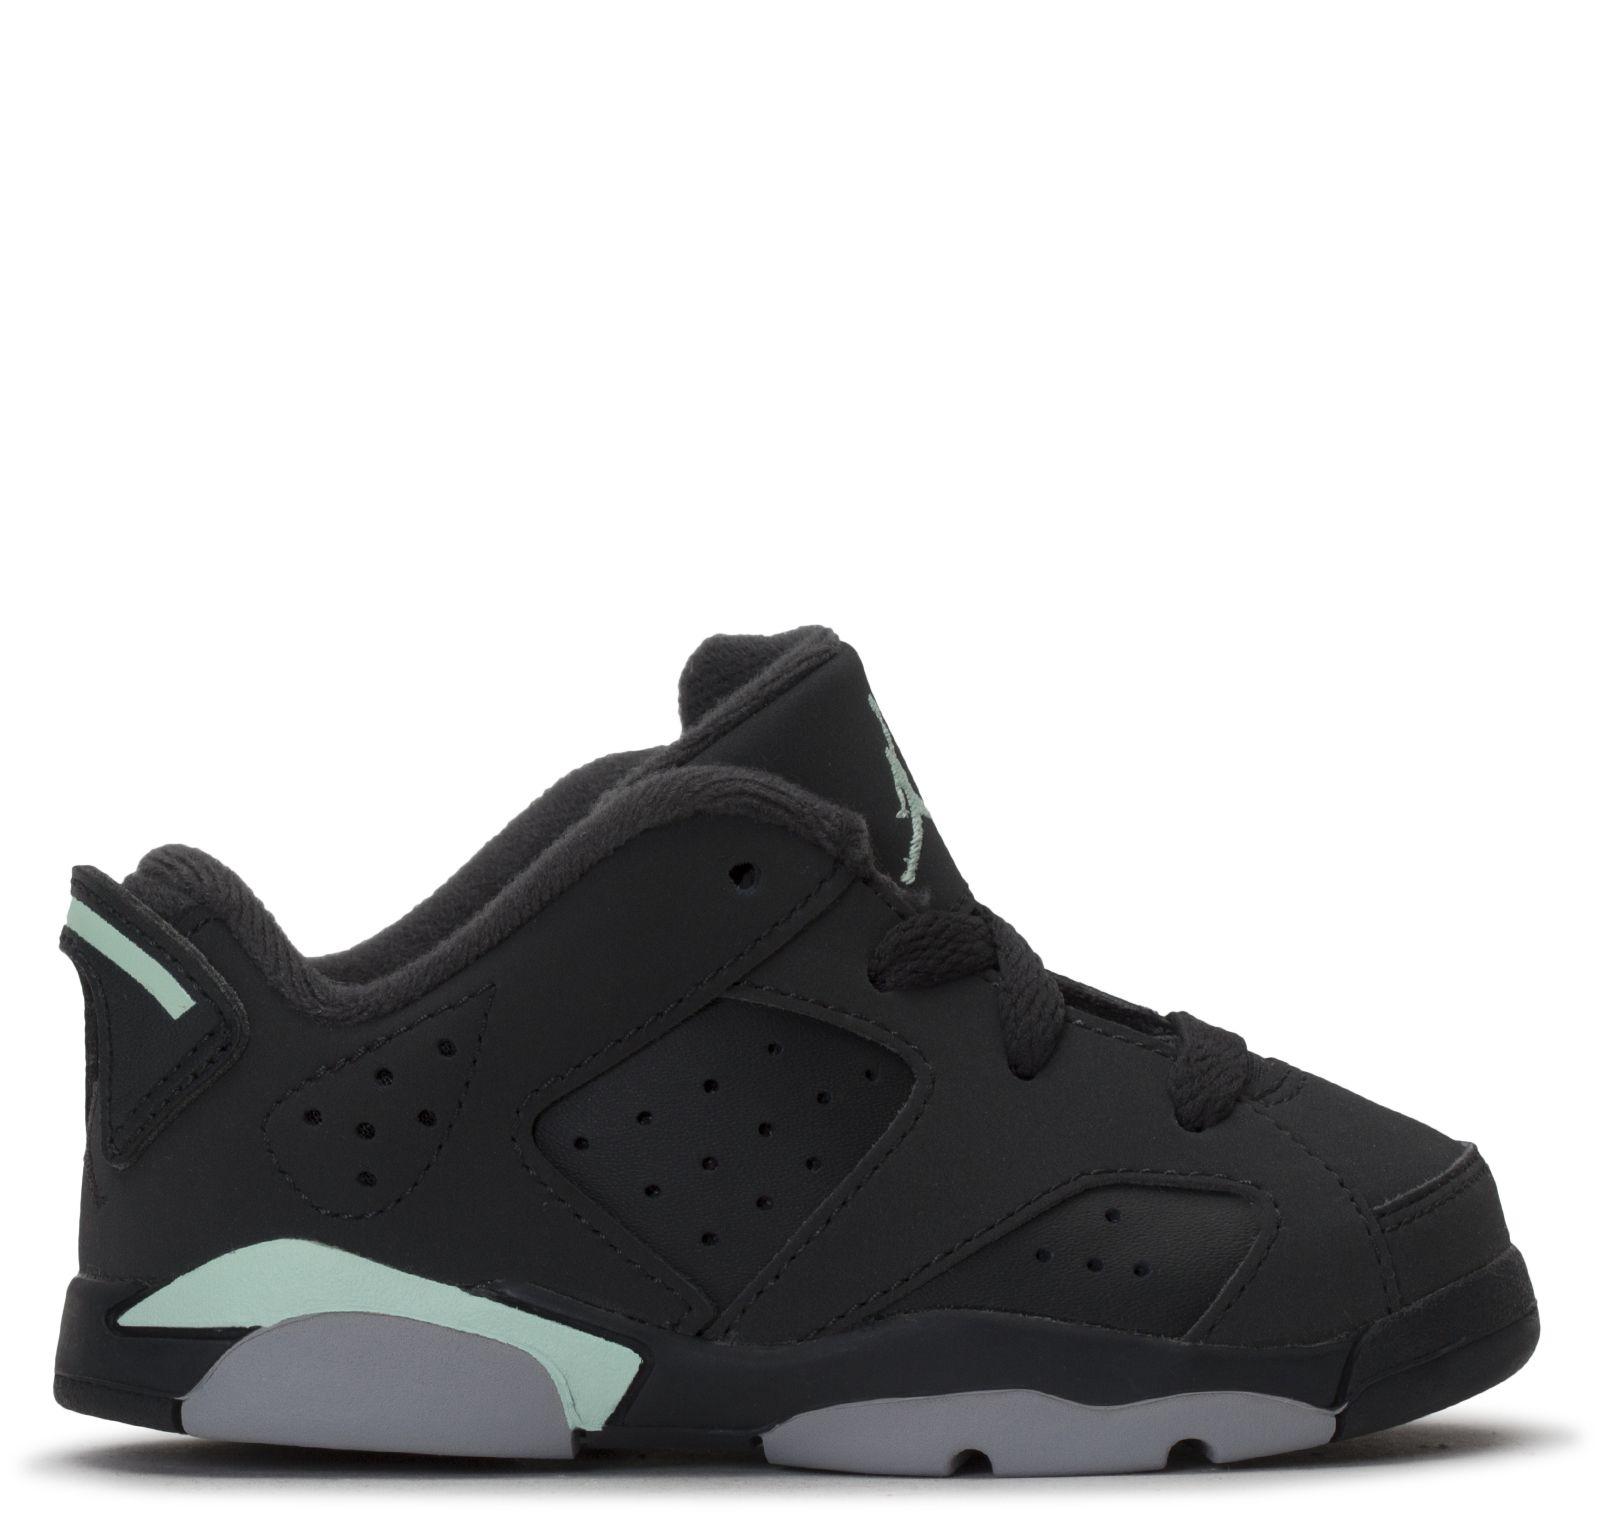 Nike Girls' Toddler Jordan Retro 6 Low Basketball Shoes, Grey DTLR